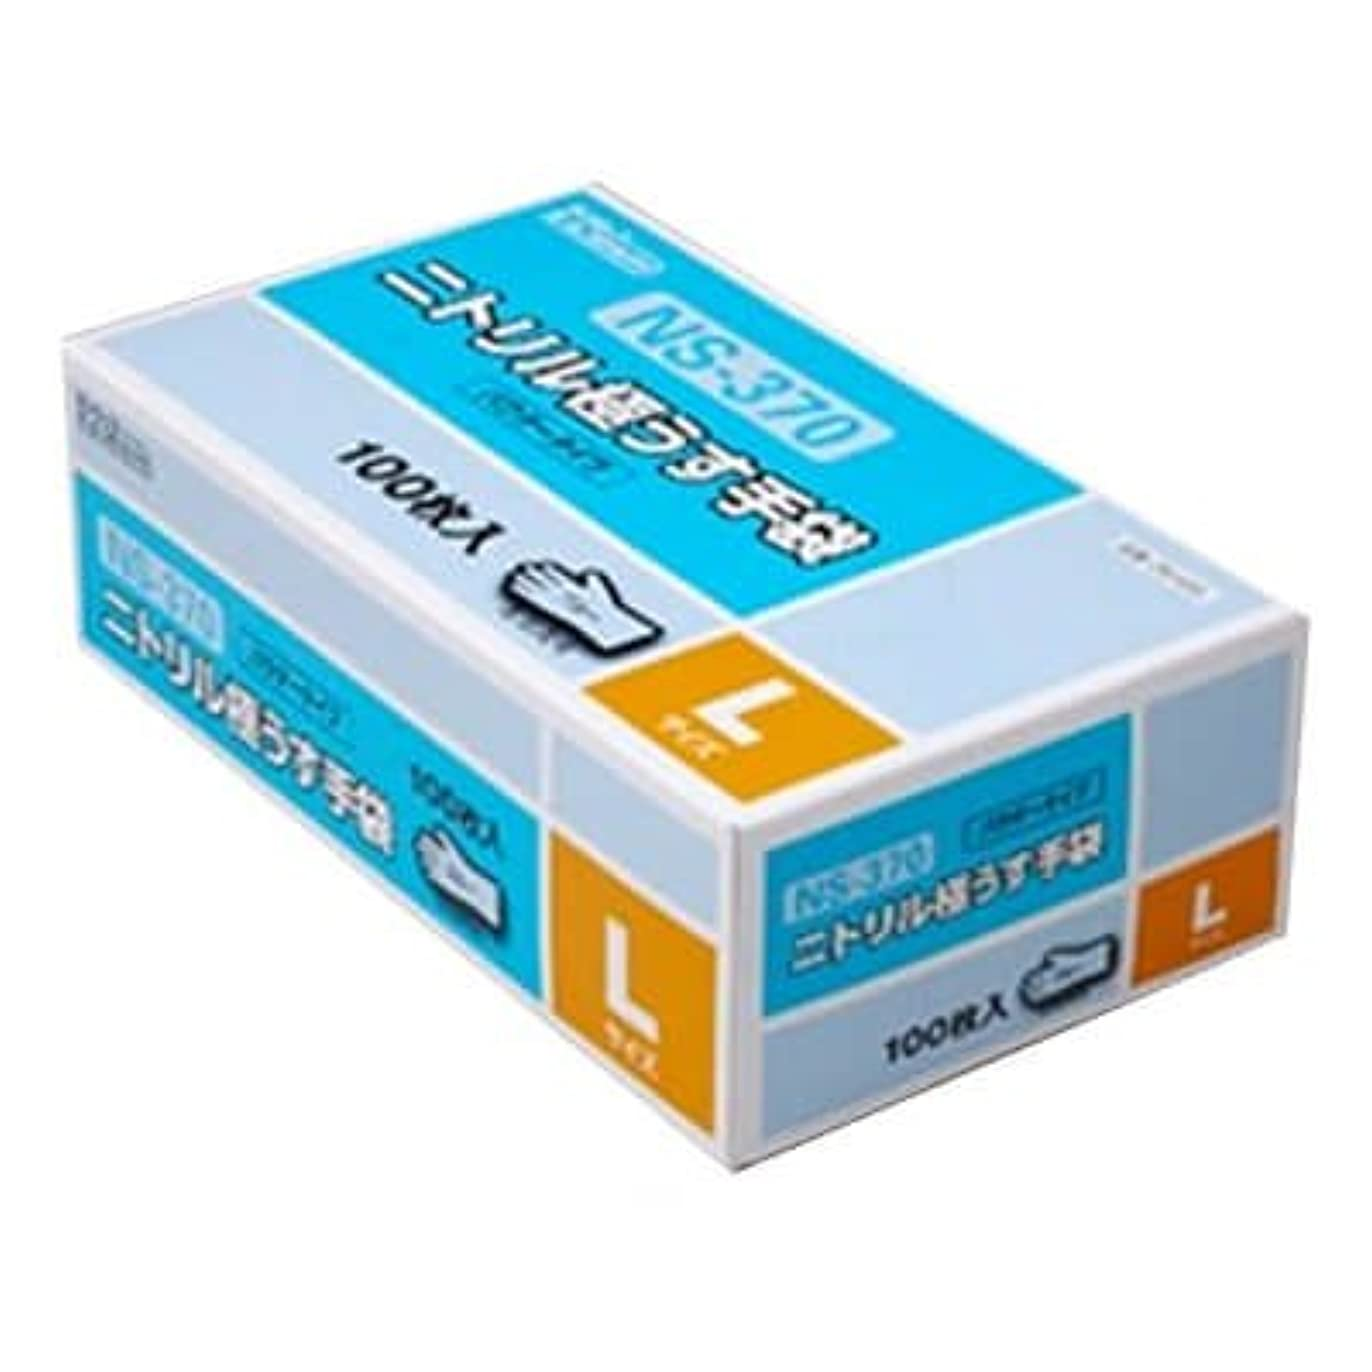 薬を飲む勇気のある滑りやすい【ケース販売】 ダンロップ ニトリル極うす手袋 粉付 L ブルー NS-370 (100枚入×20箱)